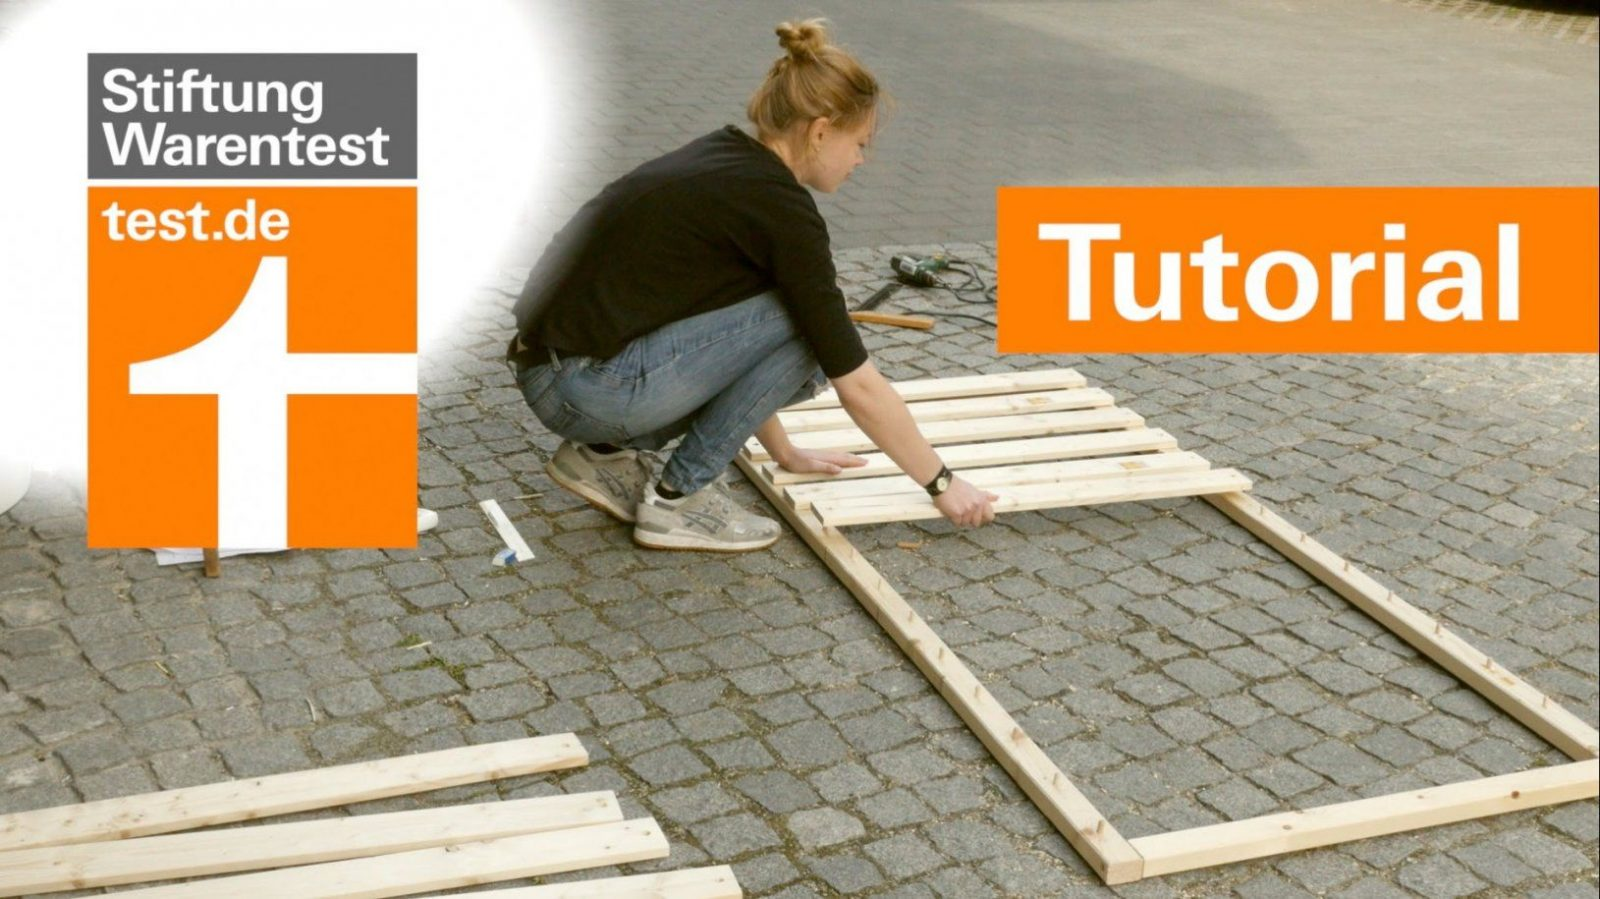 Tutorial Selbstbaulattenrost Besser Als 1000Eurokonkurrenz (Test von Stiftung Warentest Lattenrost Bauen Photo